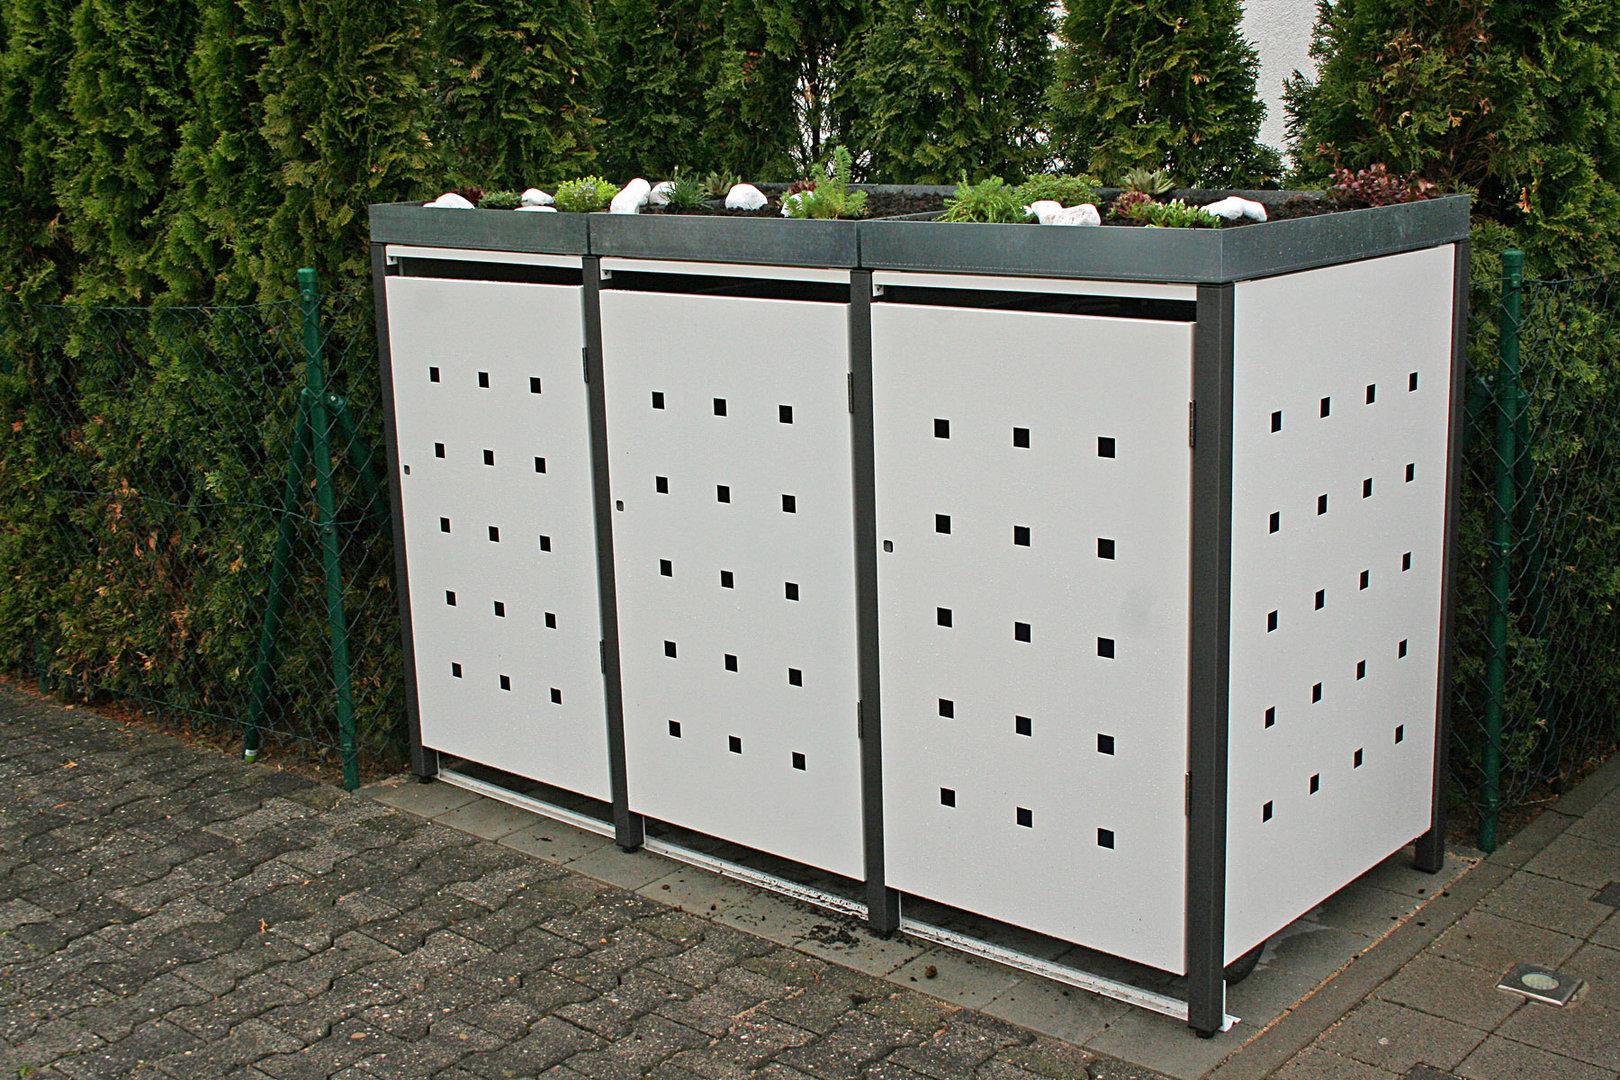 pflanzwanne mb alles f r haus und garten aus metall. Black Bedroom Furniture Sets. Home Design Ideas